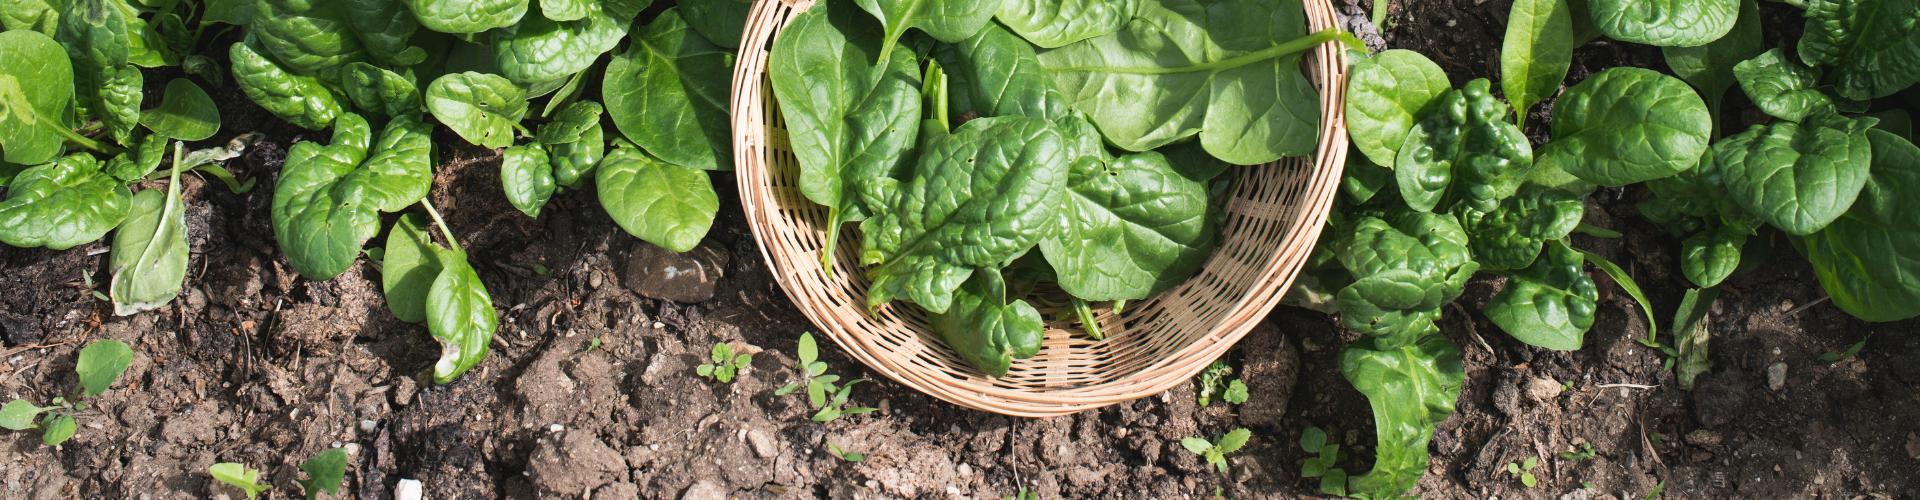 Les épinards : semis, culture, récolte - Blog - Dr. Jonquille & Mr. Ail